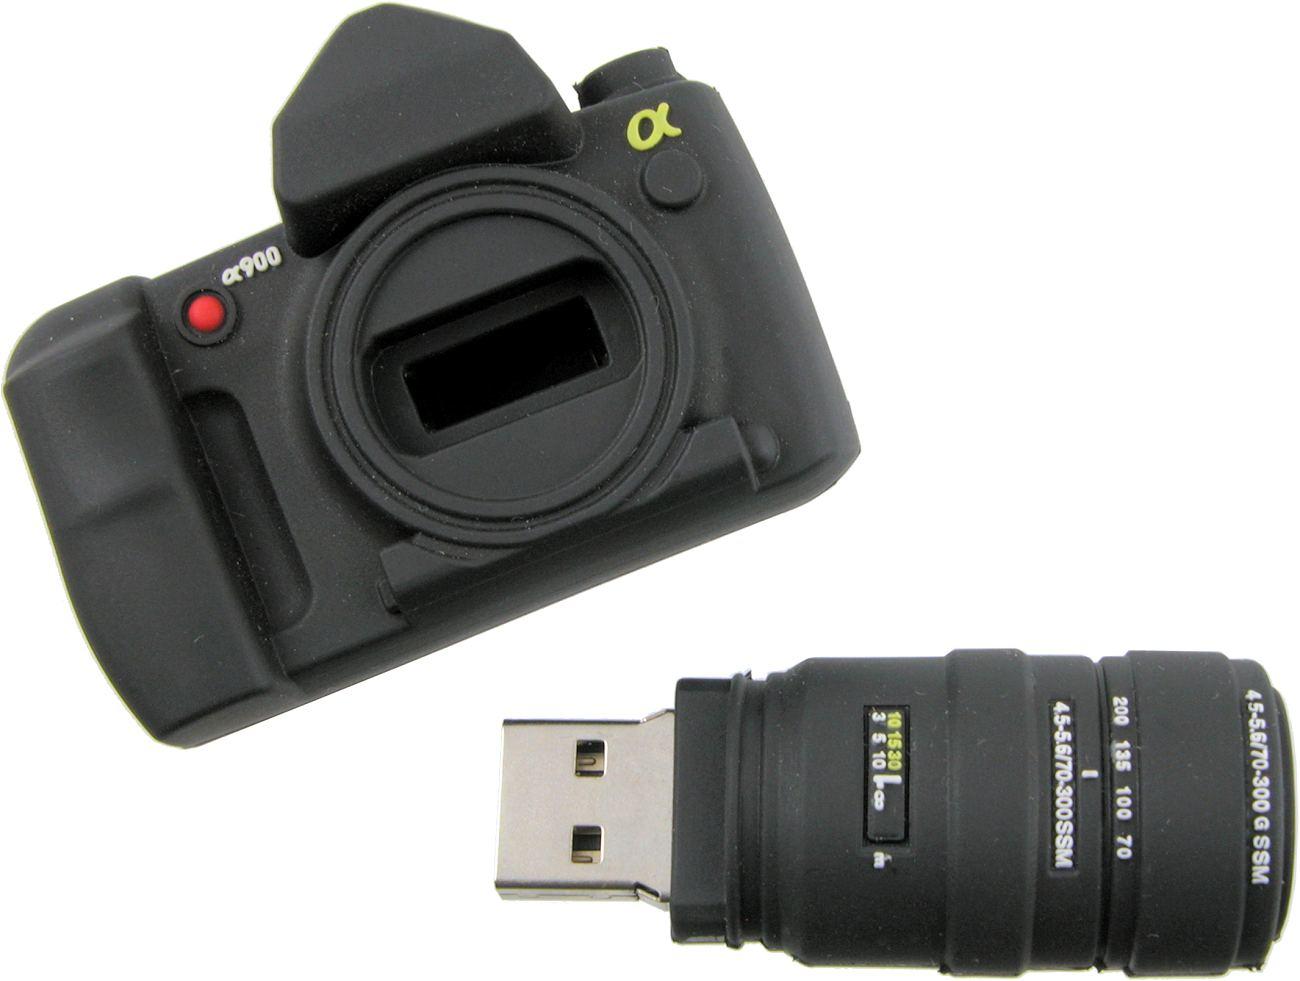 Coolest Usb Drives Alpha900 Camera Cd228